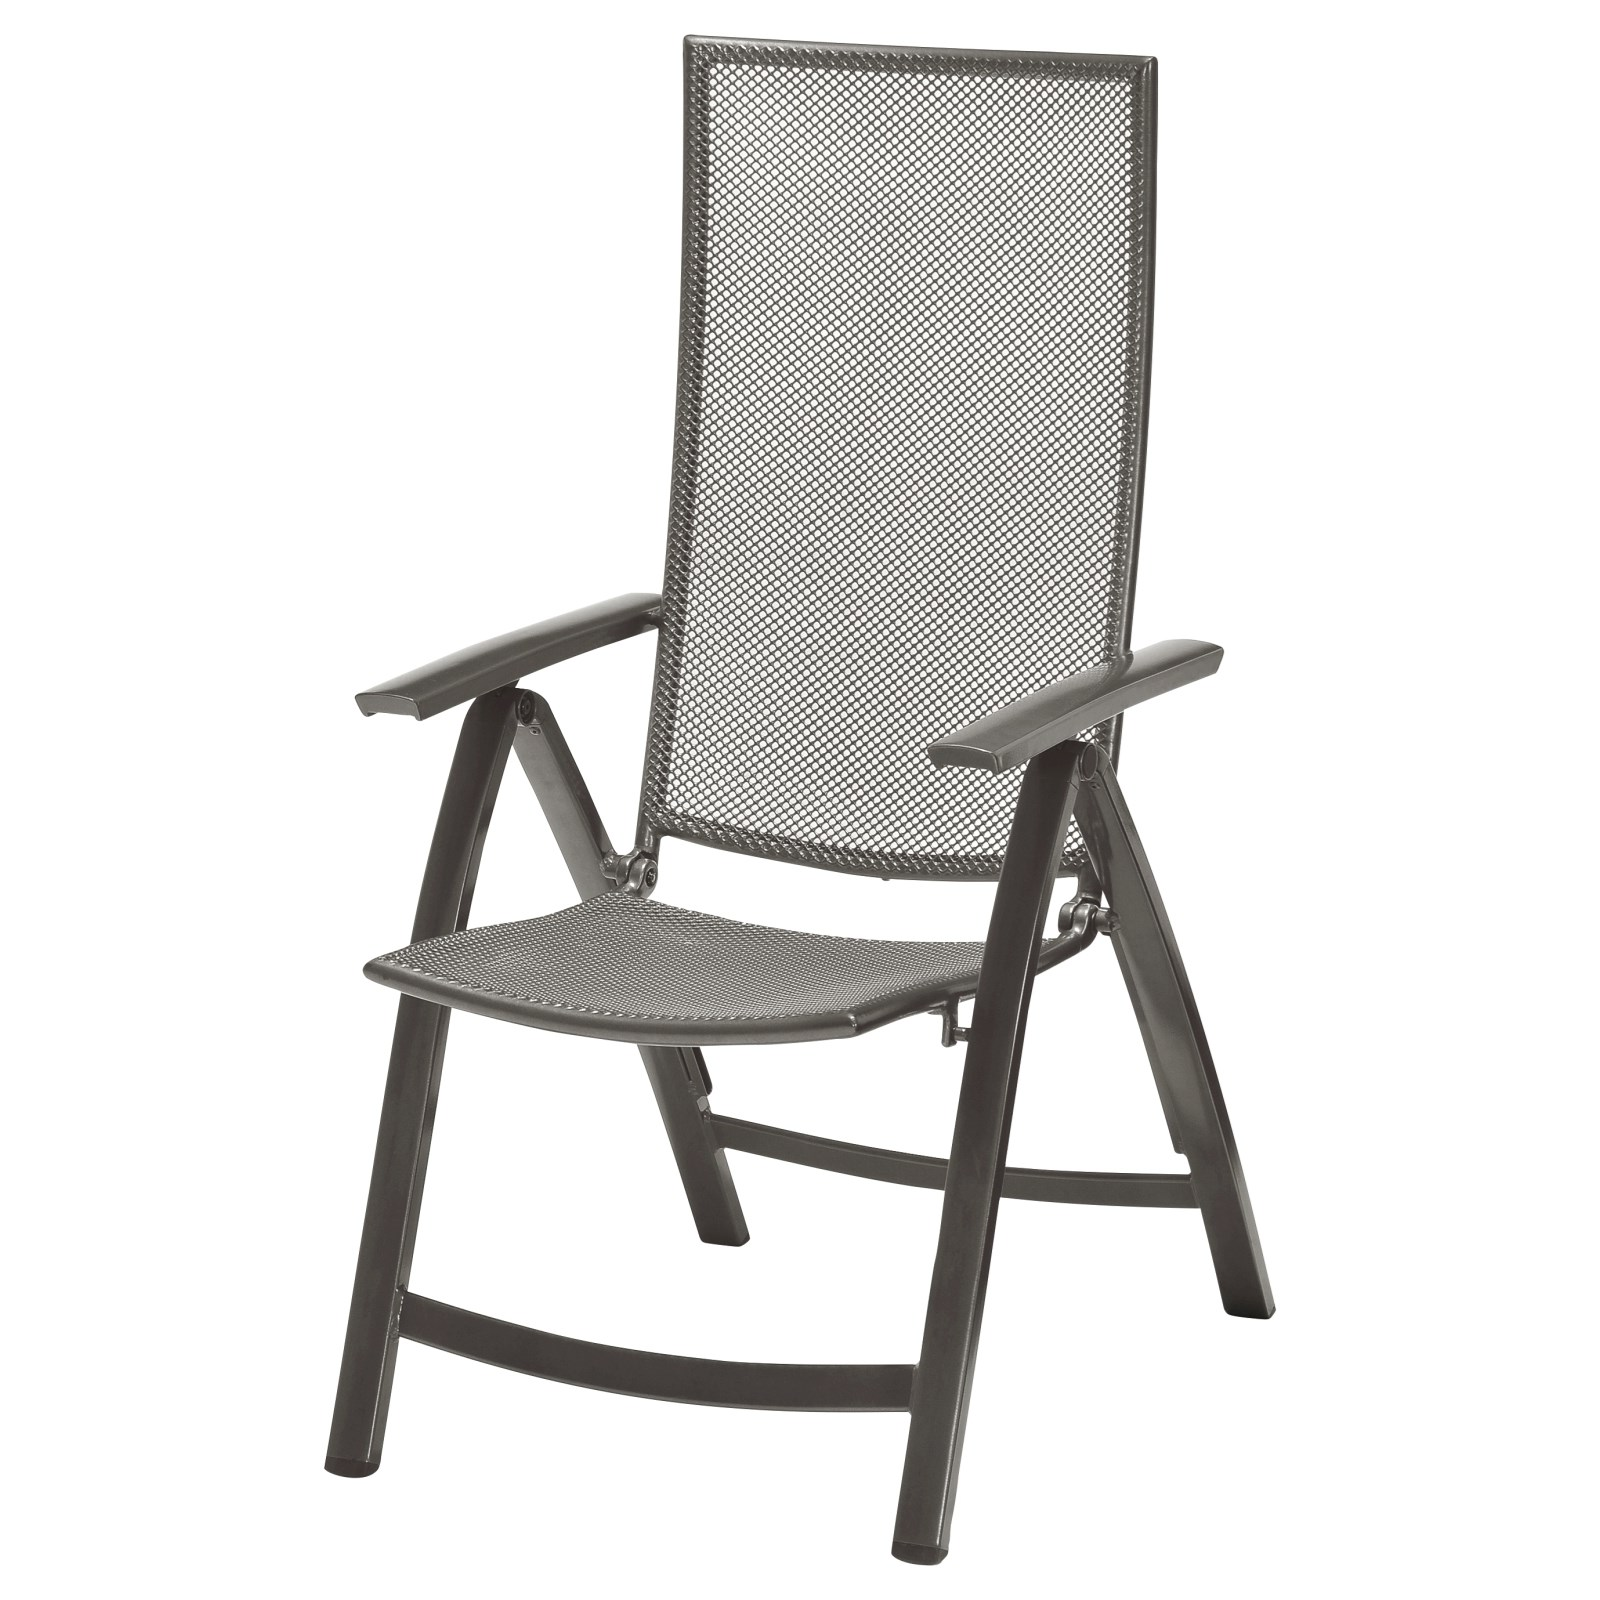 stuhl streckmetall 111 55 70 cm outdoorm bel landi. Black Bedroom Furniture Sets. Home Design Ideas